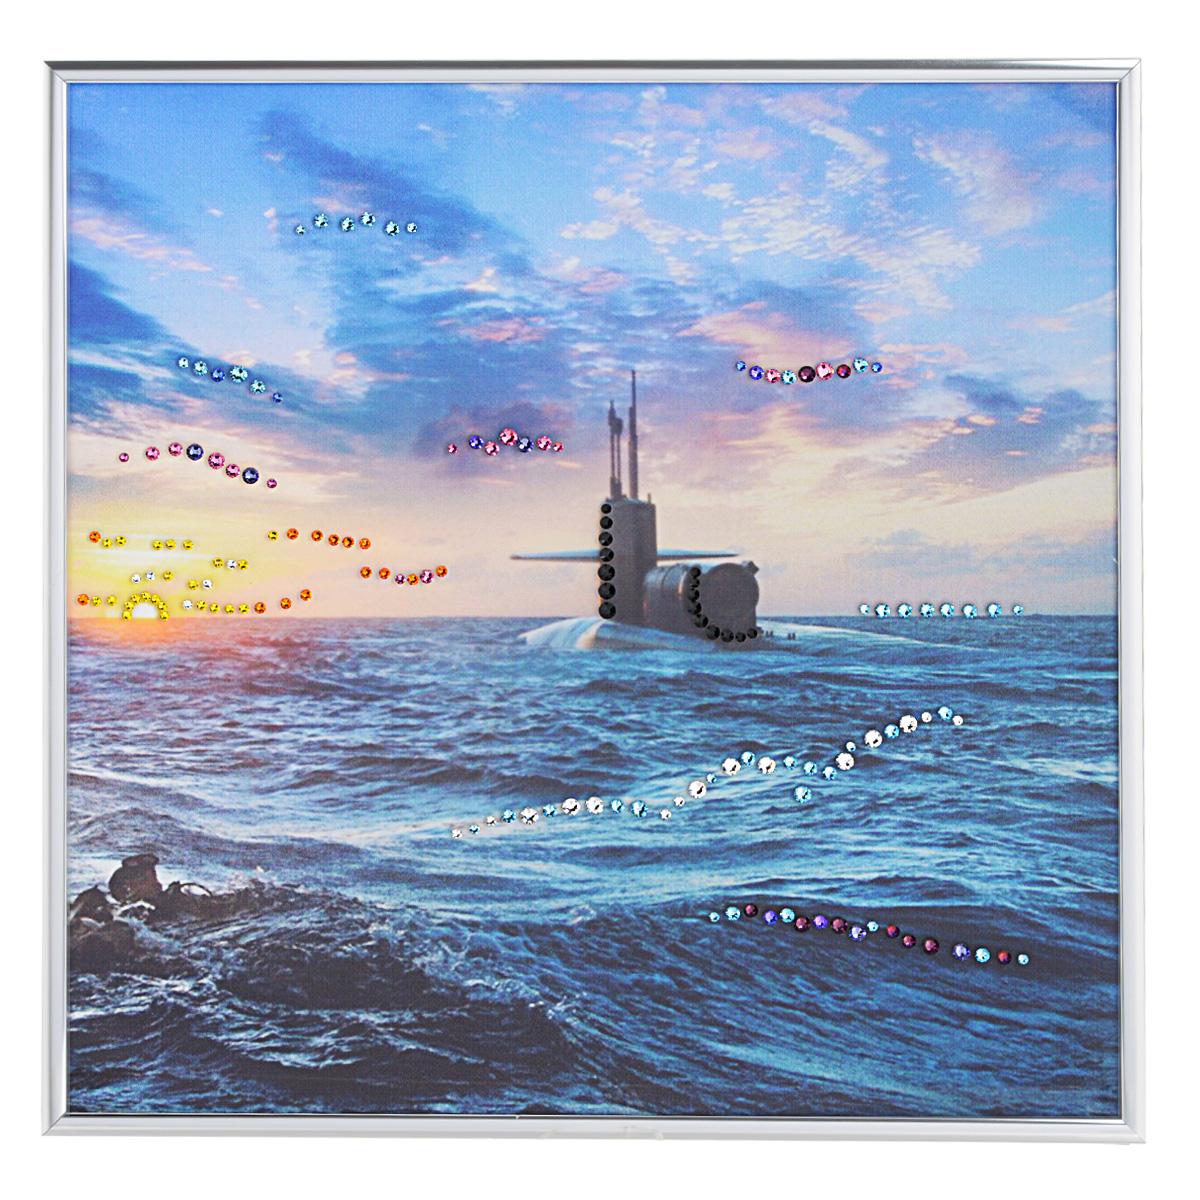 Картина с кристаллами Swarovski Подводная лодка, 30 см х 30 смRG-D31SИзящная картина в алюминиевой раме Подводная лодка инкрустирована кристаллами Swarovski, которые отличаются четкой и ровной огранкой, ярким блеском и чистотой цвета. Идеально подобранная палитра кристаллов прекрасно дополняет картину. С задней стороны изделие оснащено специальной металлической петелькой для размещения на стене. Картина с кристаллами Swarovski элегантно украсит интерьер дома, а также станет прекрасным подарком, который обязательно понравится получателю. Блеск кристаллов в интерьере - что может быть сказочнее и удивительнее. Изделие упаковано в подарочную картонную коробку синего цвета и комплектуется сертификатом соответствия Swarovski.